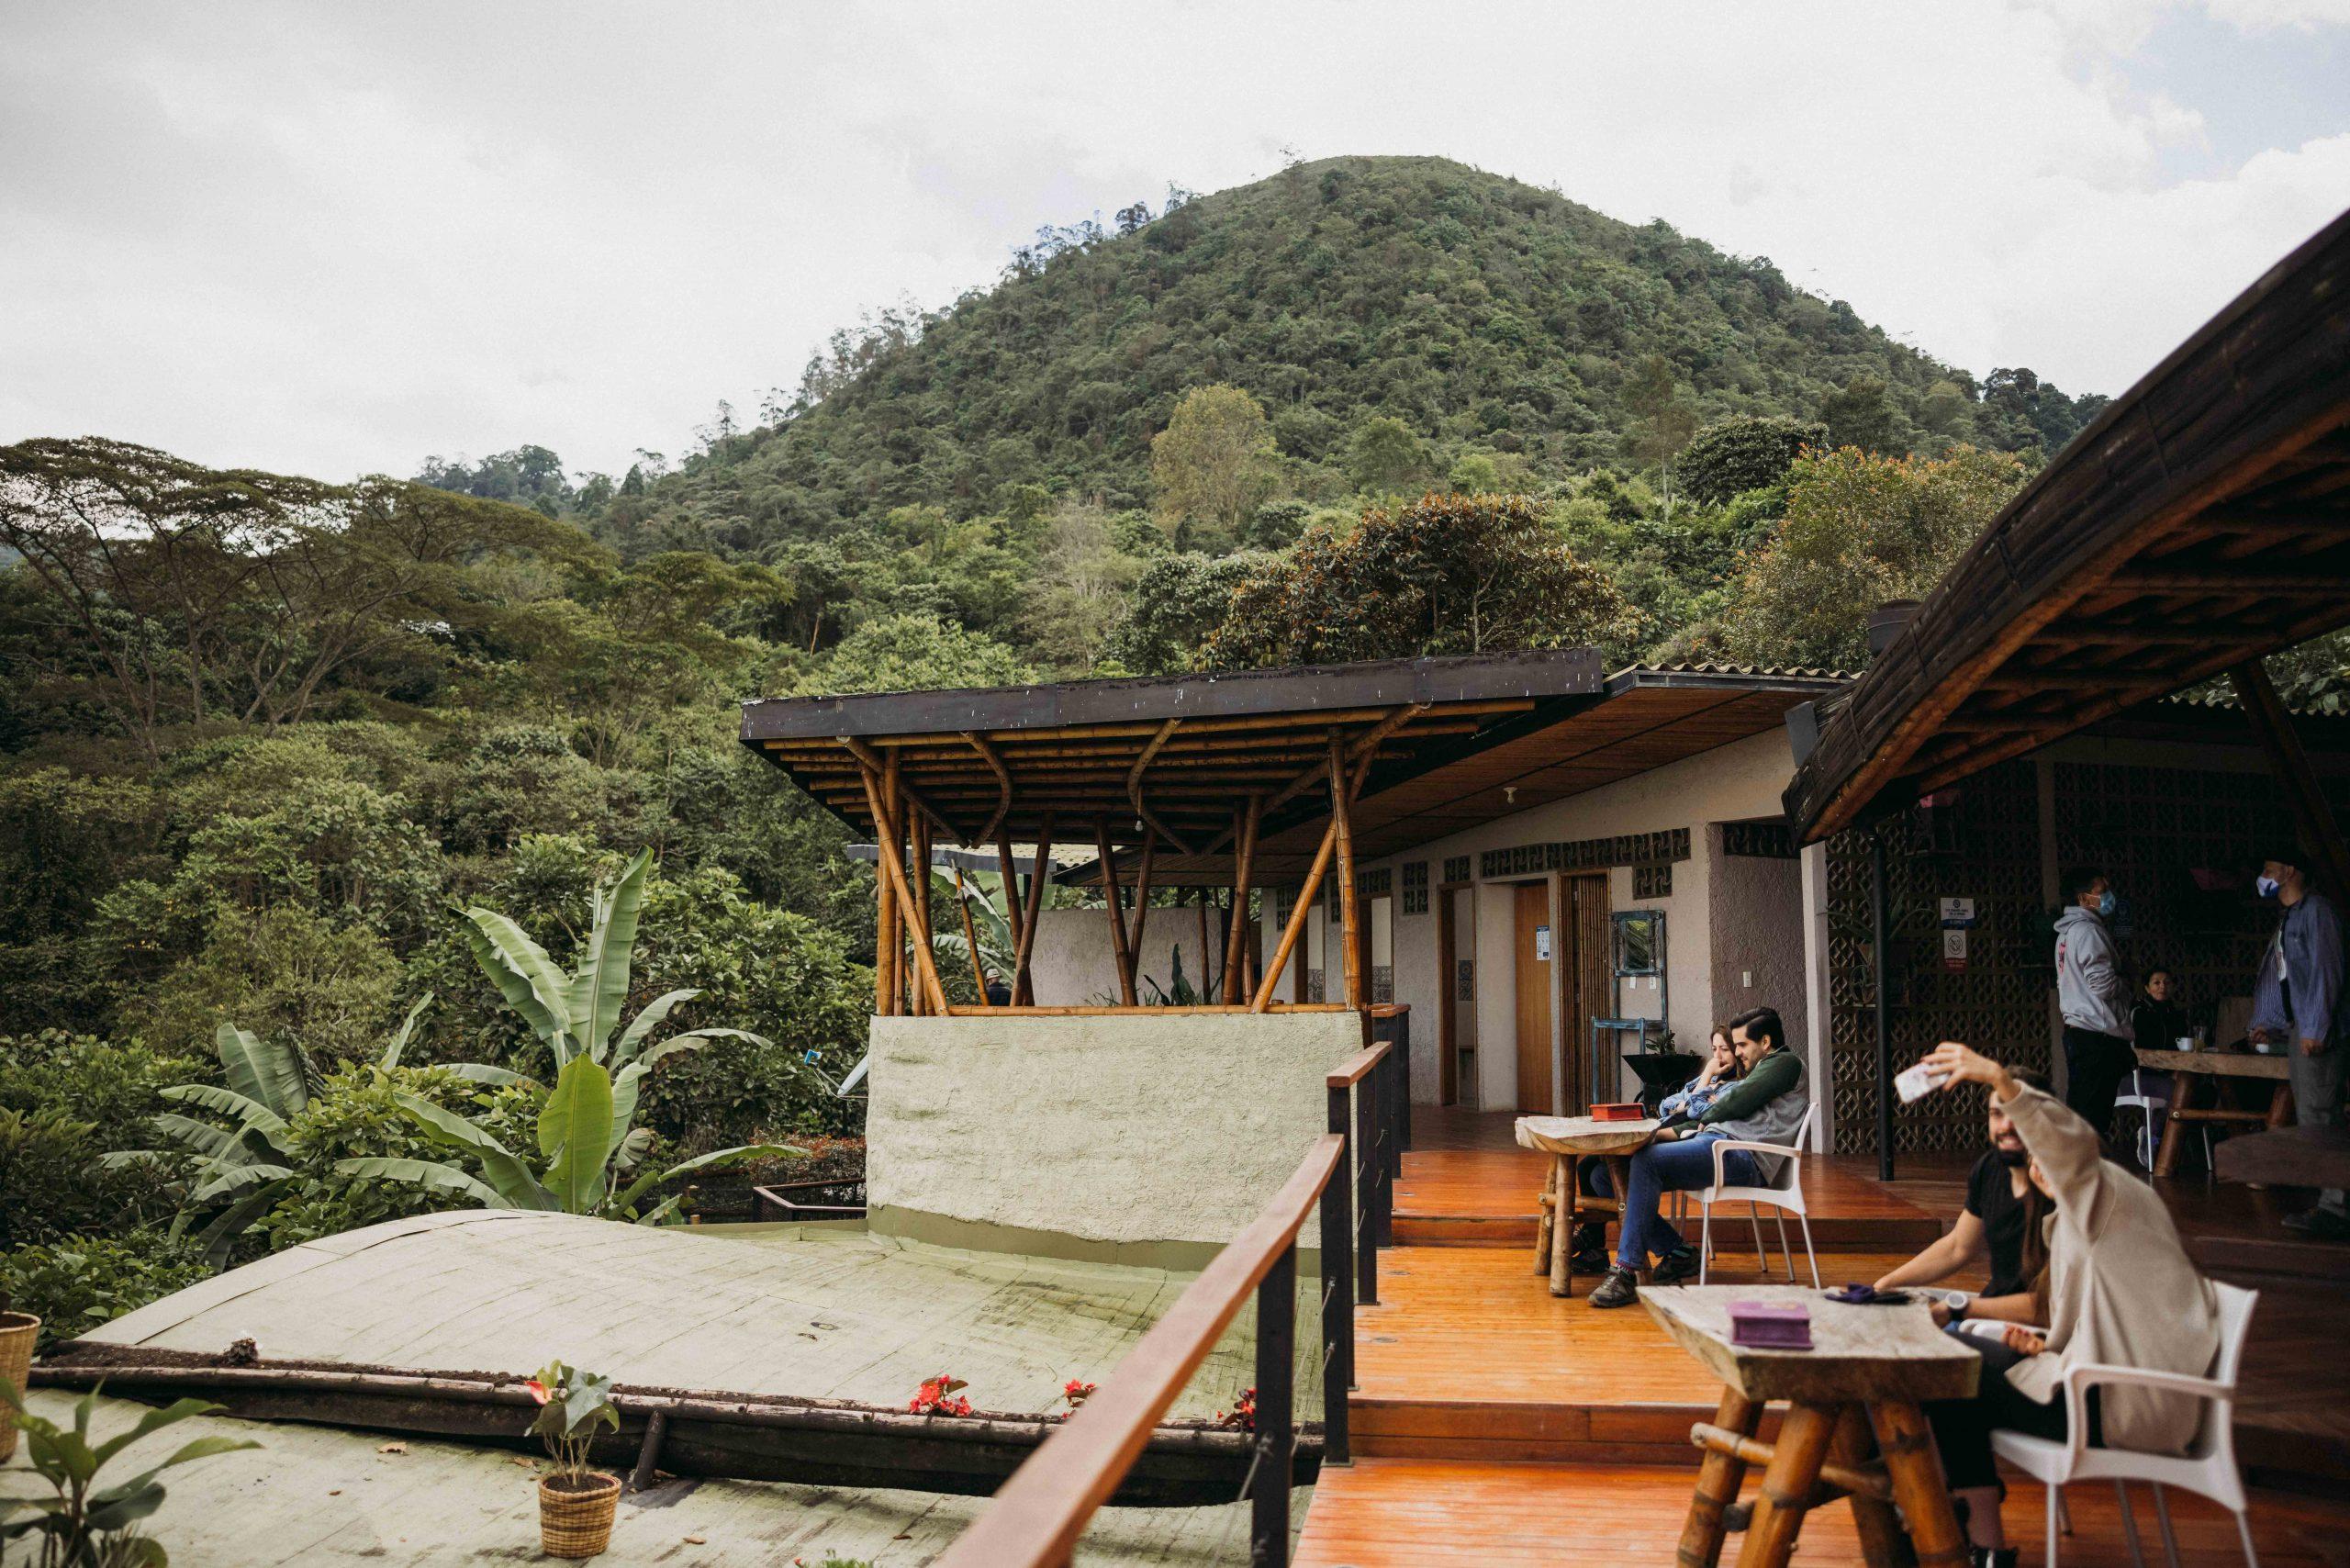 Facilities at La Palma y el tucan near Bogota